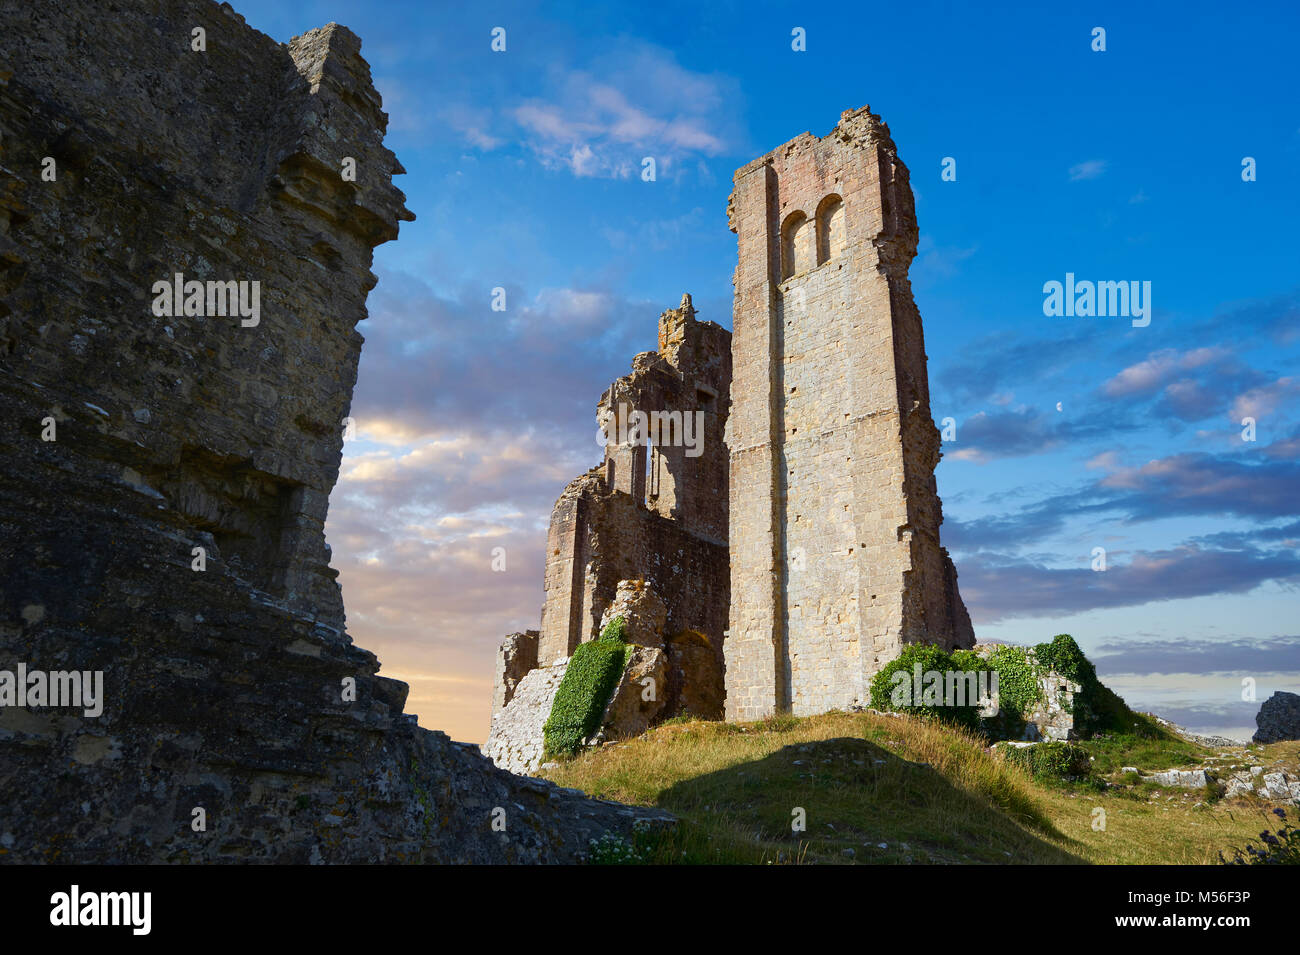 Château de Corfe médiévale garder close up sunrise, construit en 1086 par Guillaume le Conquérant, Photo Stock